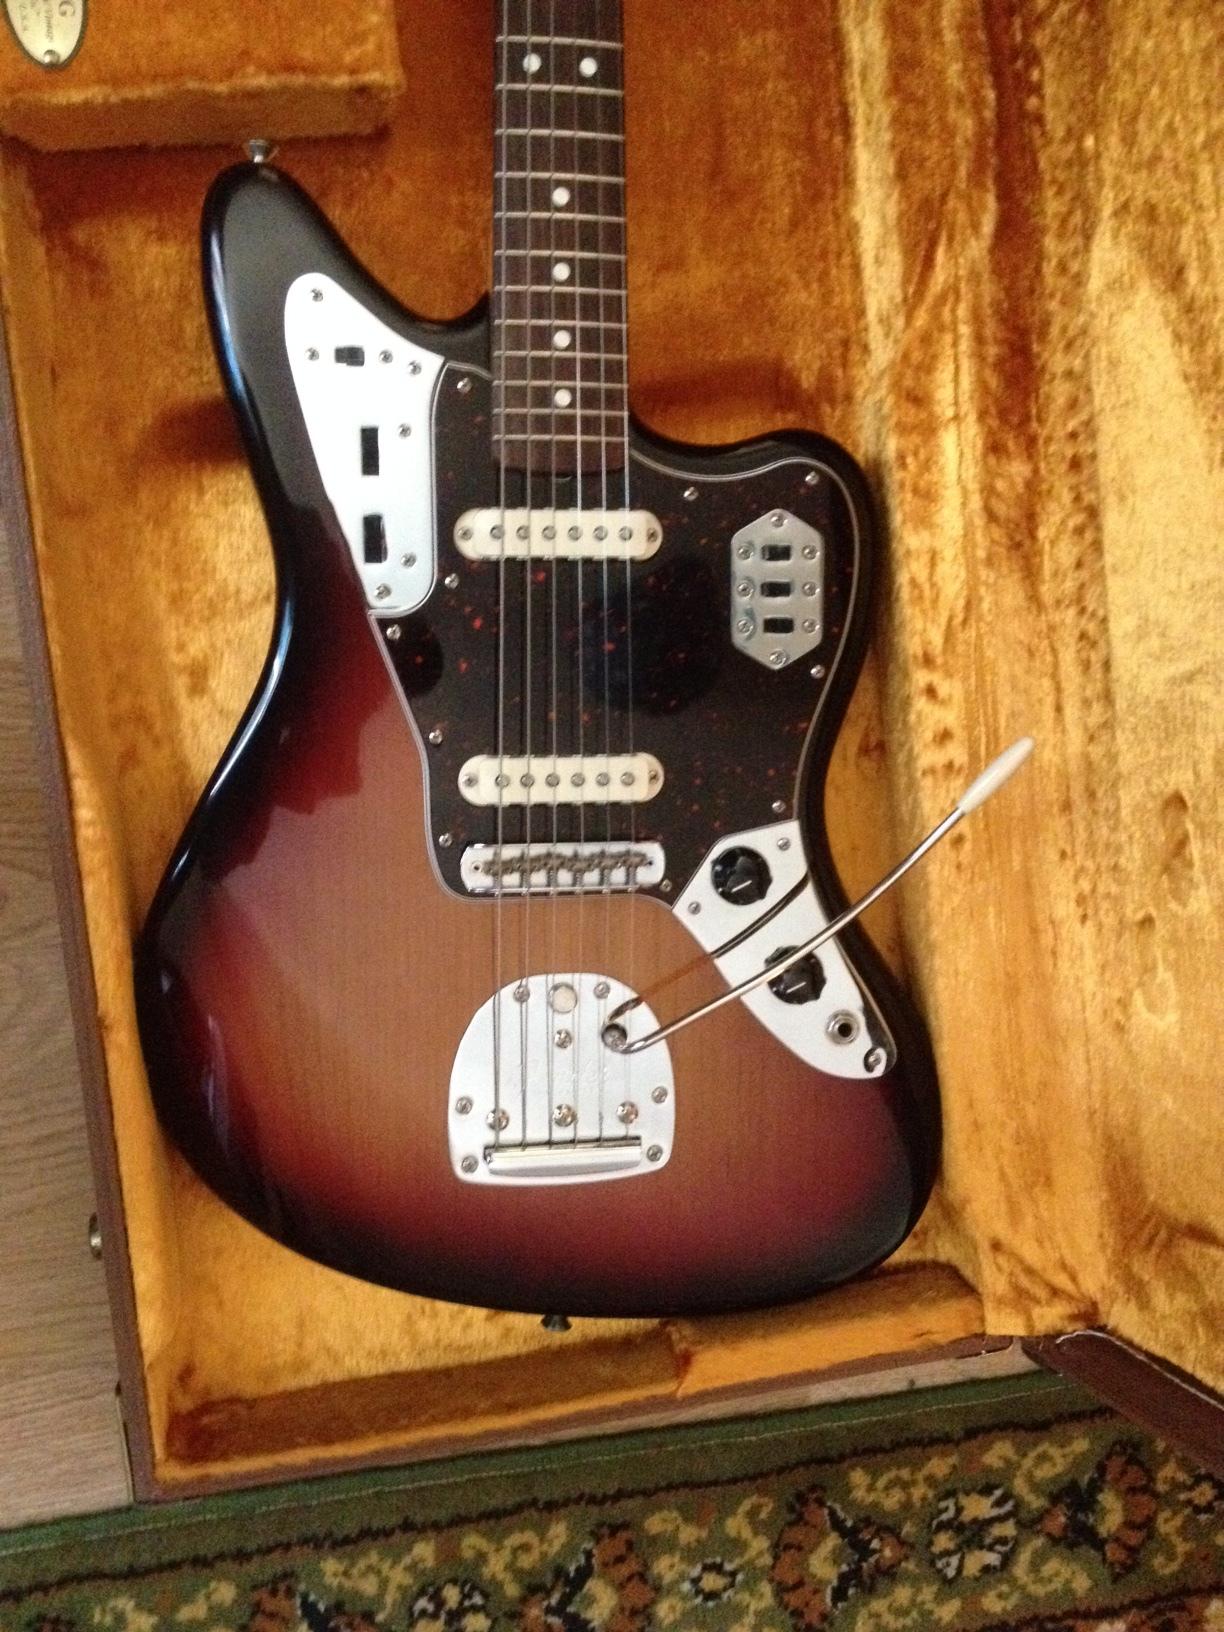 Fender vintage jaguar and too